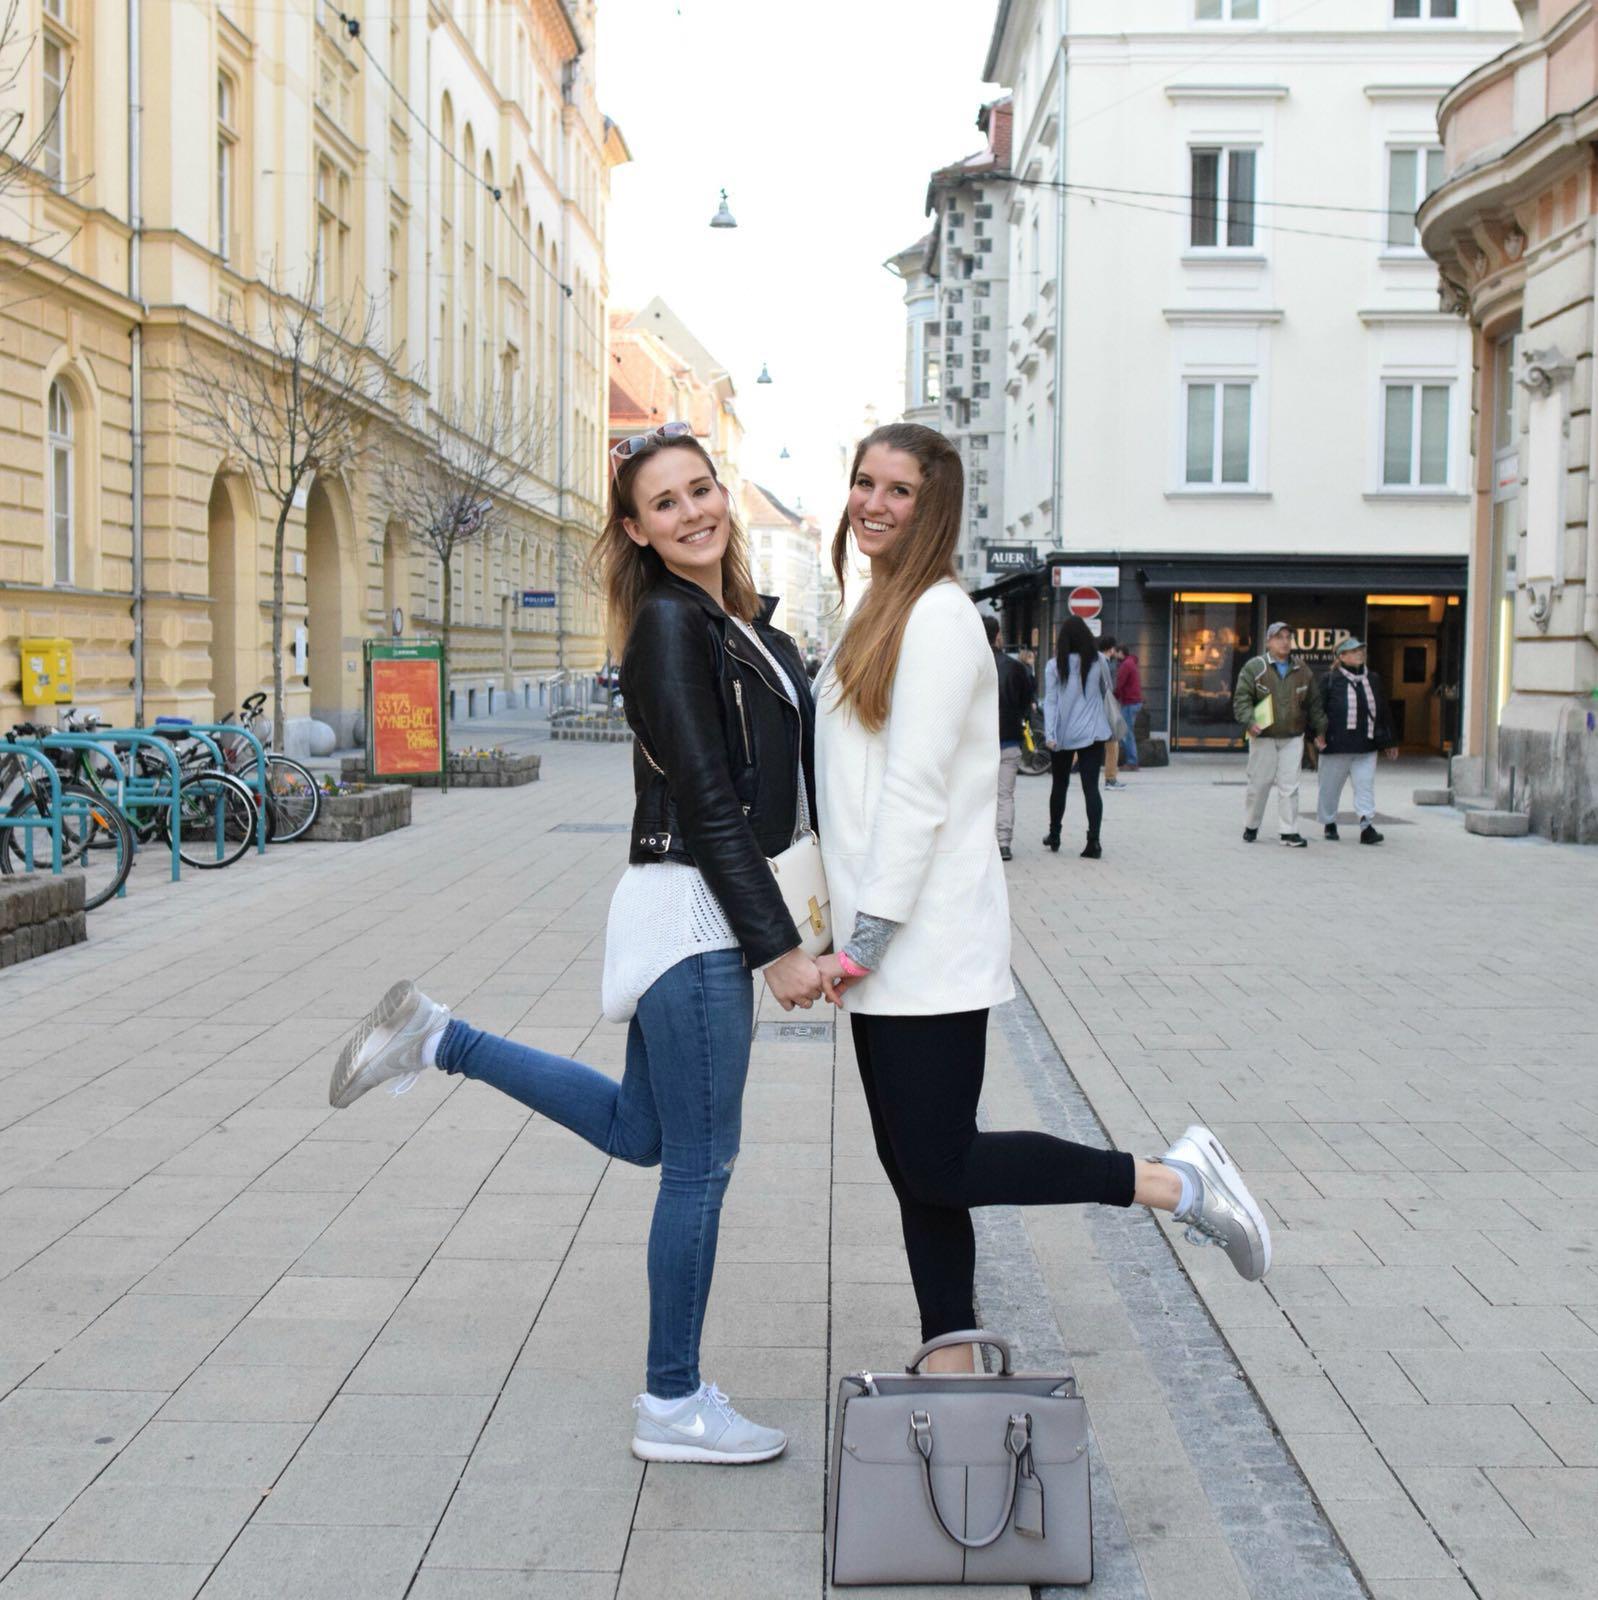 klara-fuchs-fitnessblog-freundschaft-persönlichkeitsentwicklung-gesundheit-sport-fitness-blog-österreich-2